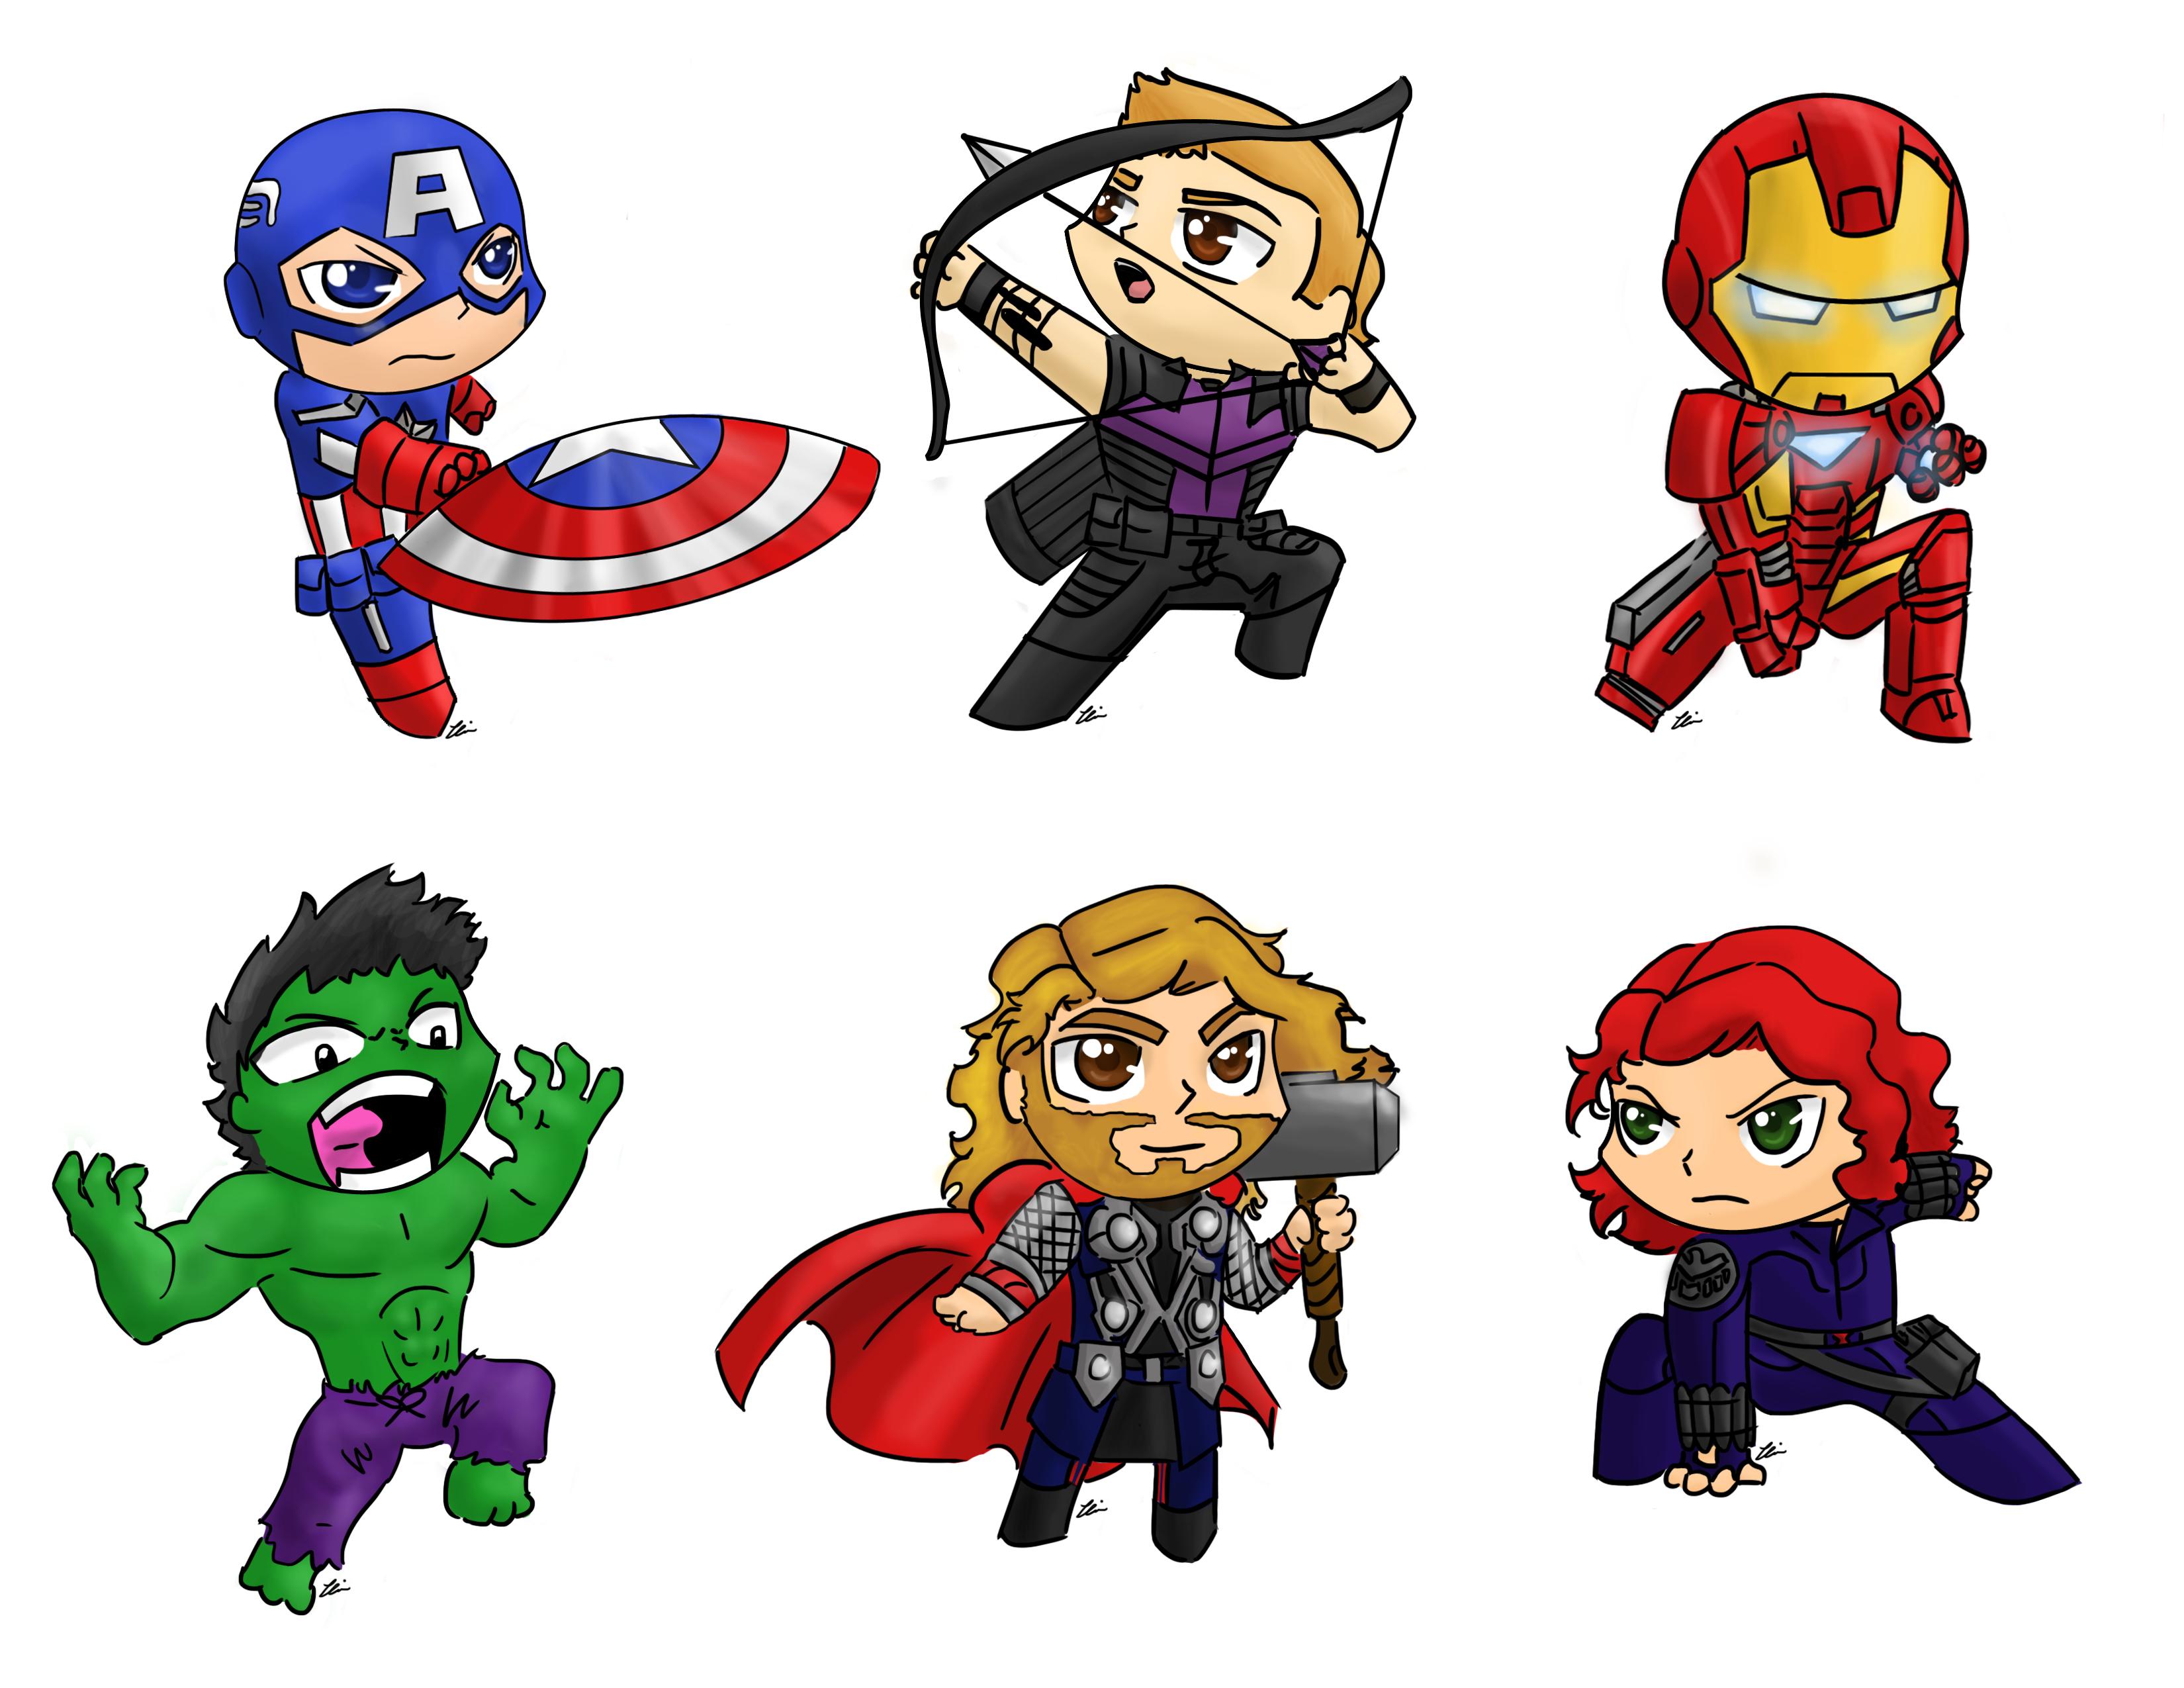 Imagem Relacionada Baby Avengers Avengers Cartoon Marvel Avengers Alliance